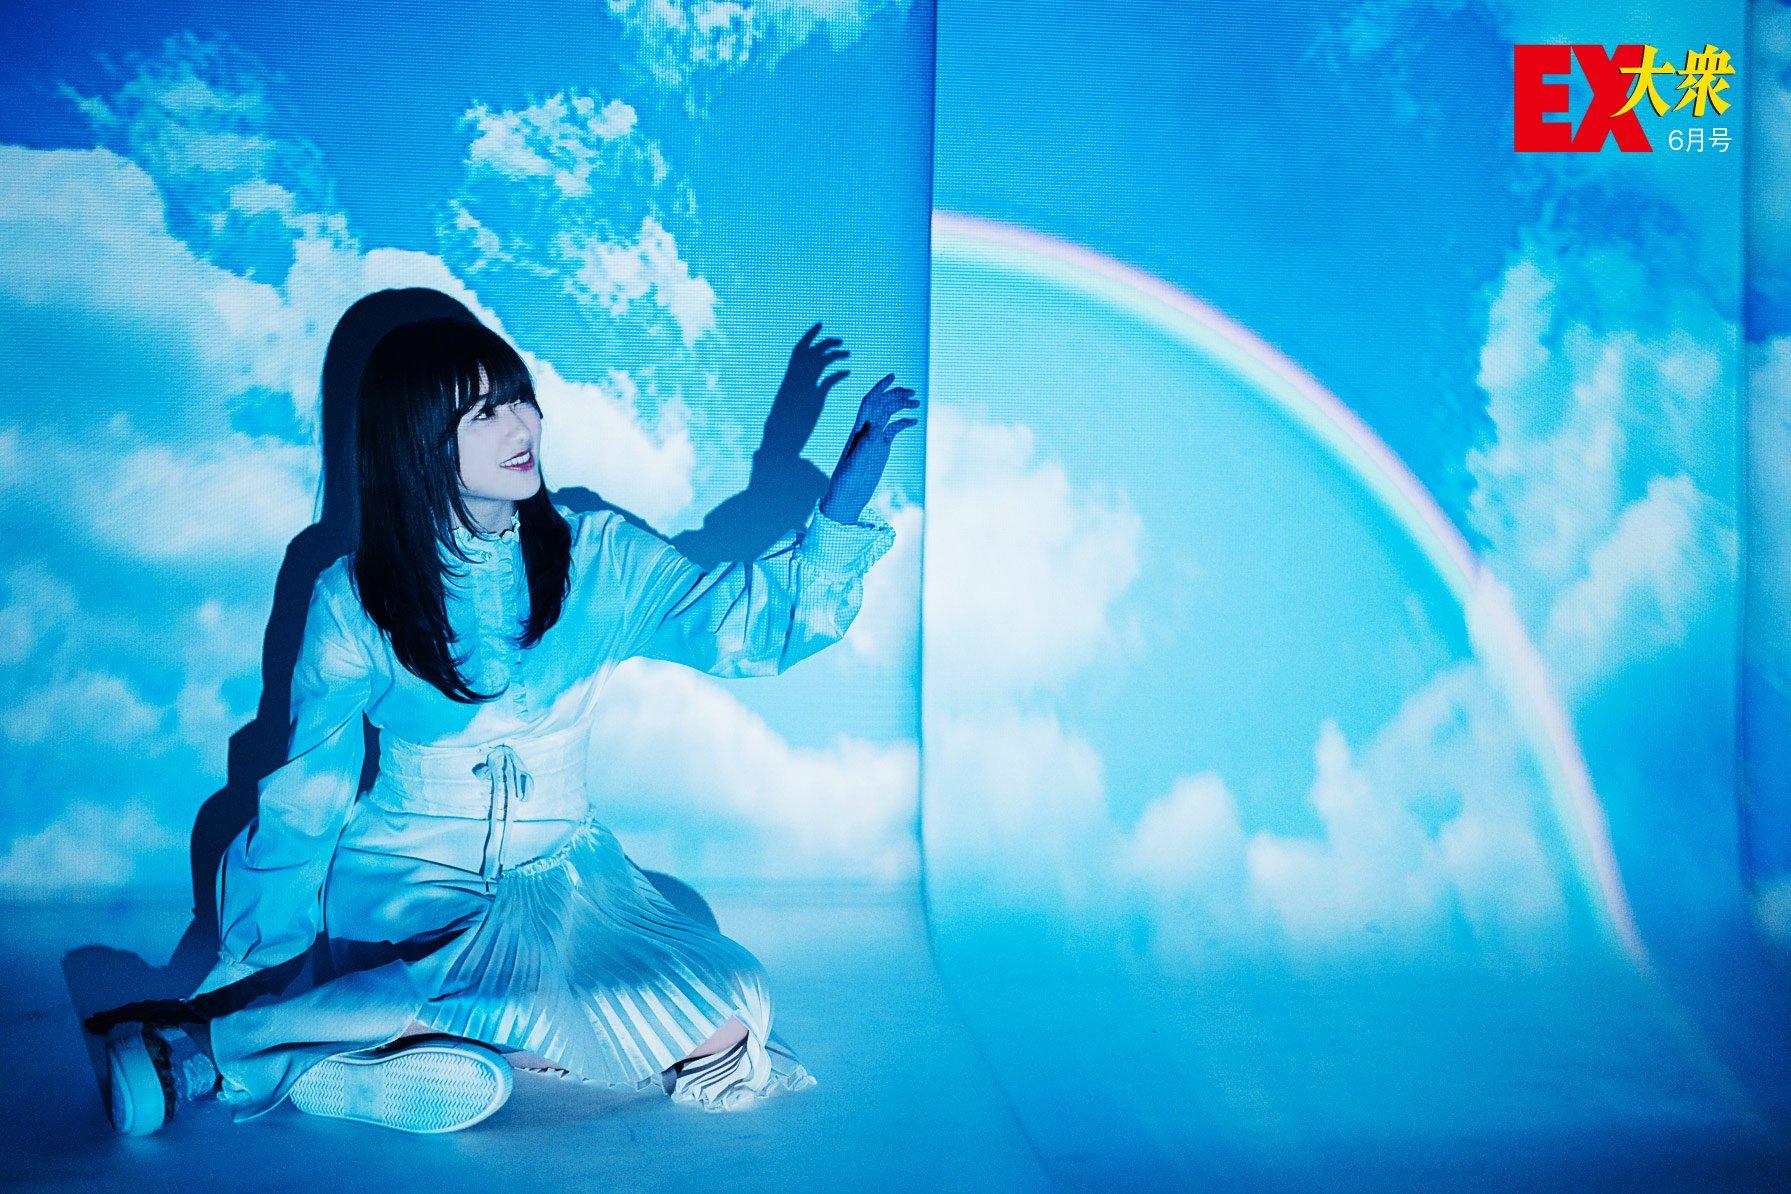 欅坂46守屋茜の本誌未掲載カットを大公開!【EX大衆6月号】の画像002